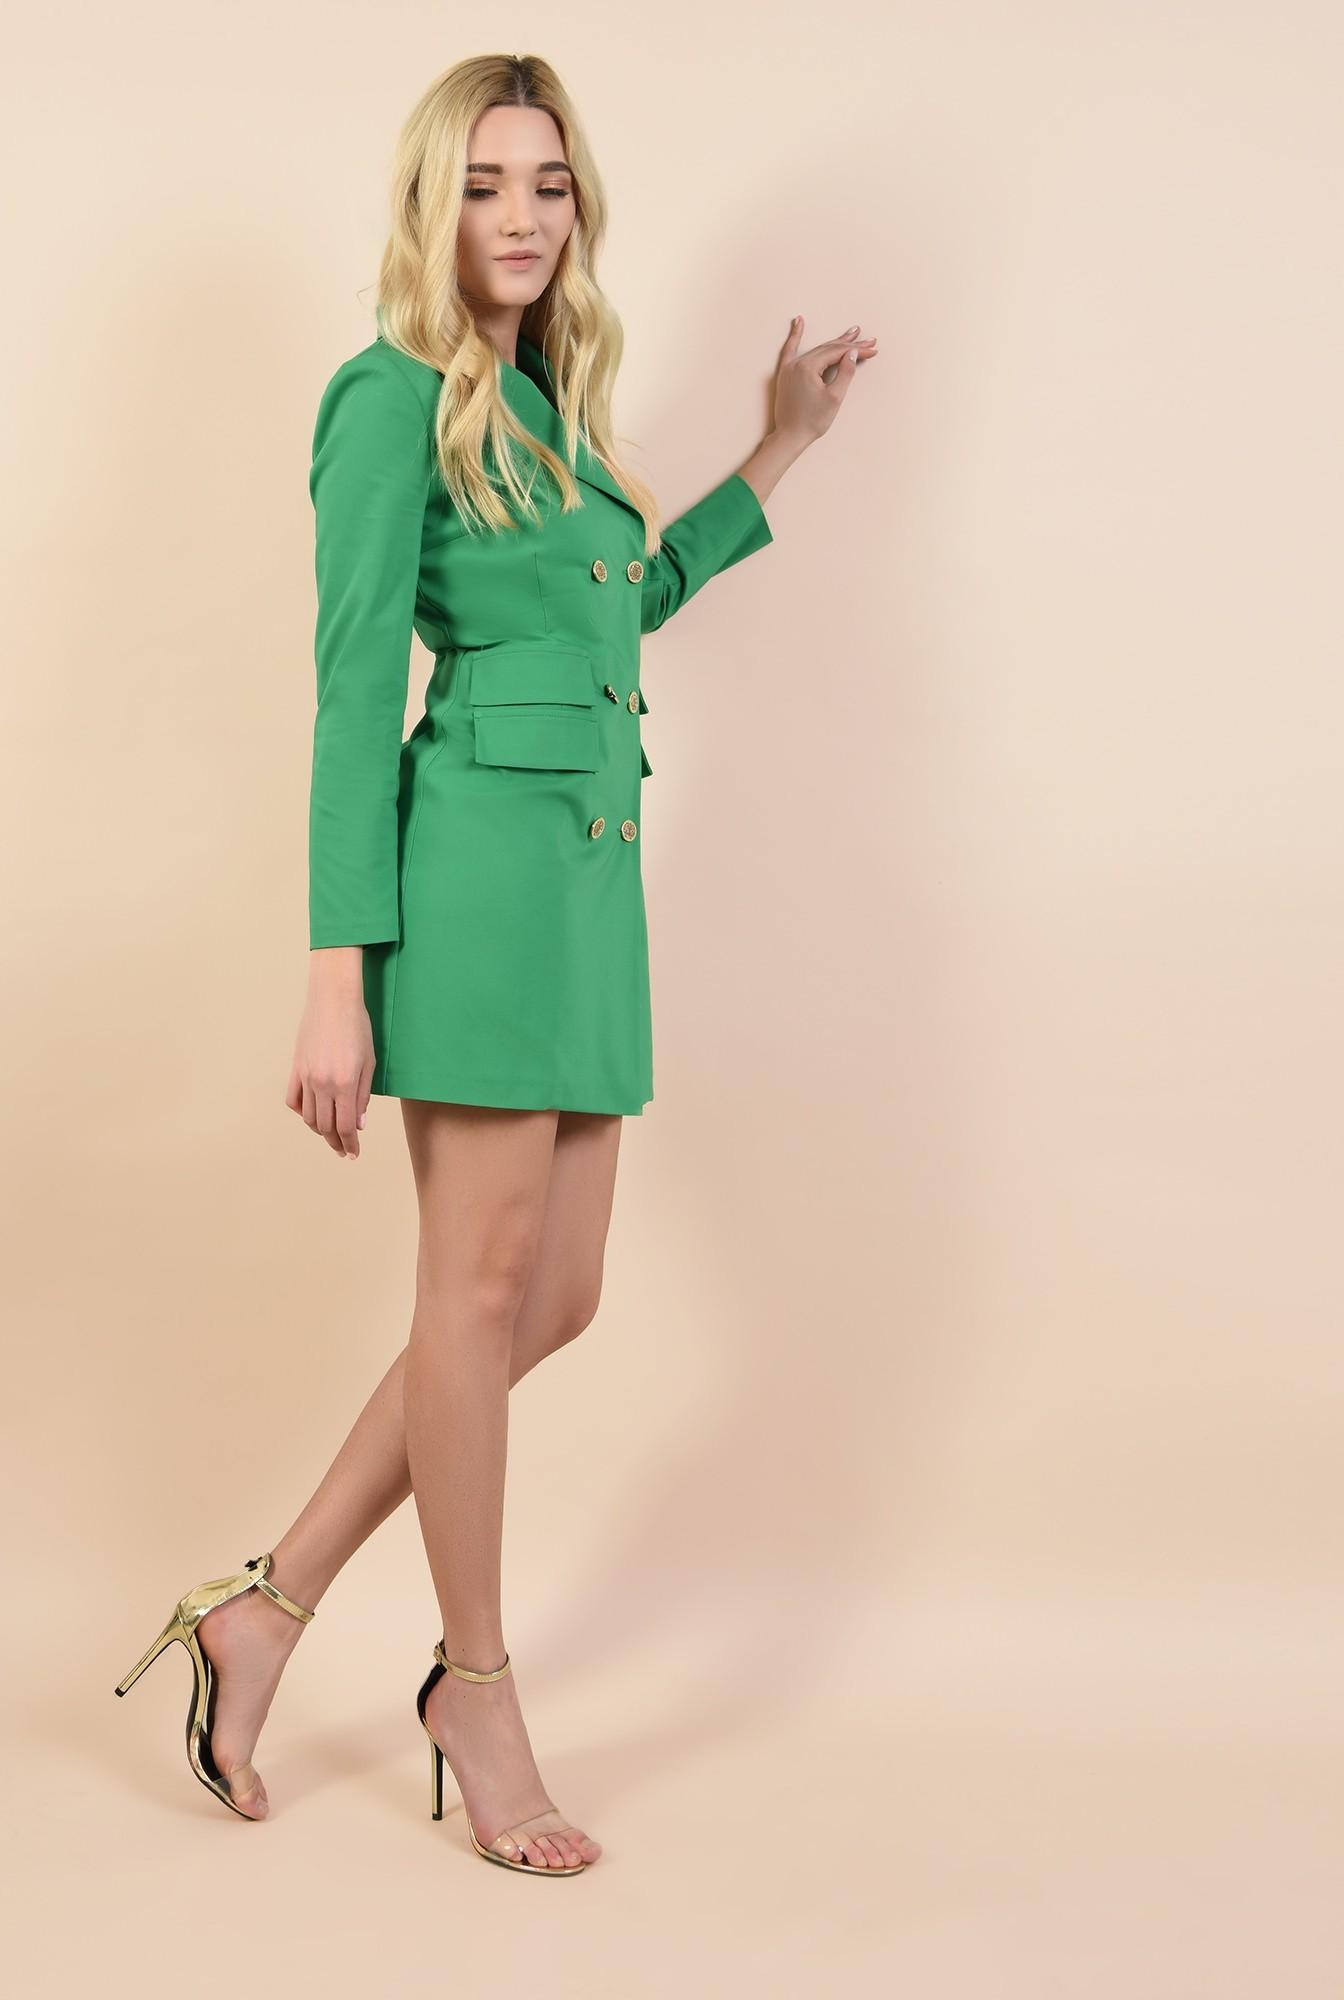 3 - rochie sacou, verde, cu nasturi metalici, scurta, croi cambrat